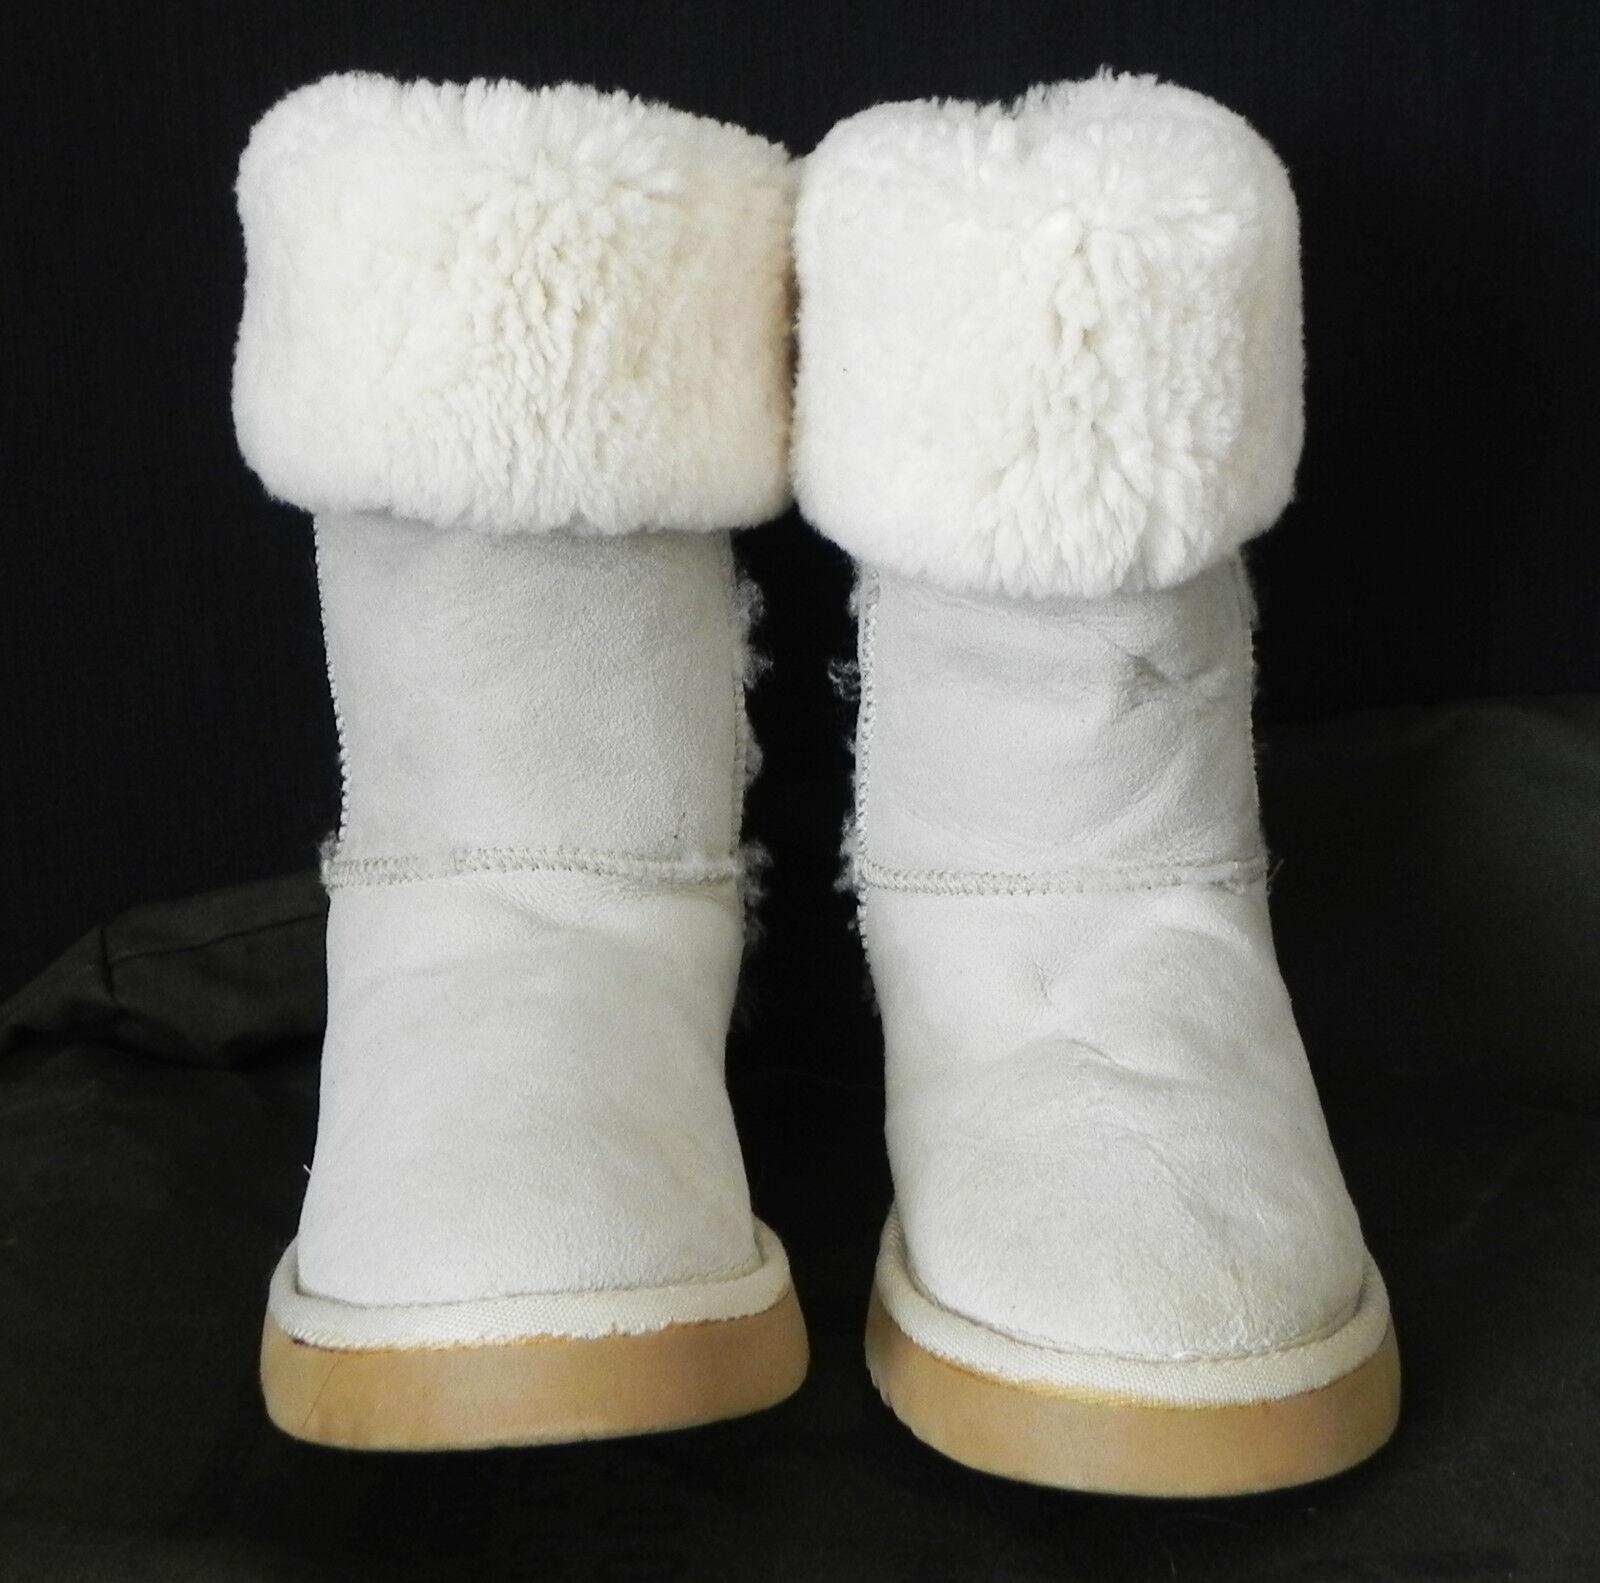 Sheepskin Boots Mid-Calf Beige/Heather Size Gray Size Beige/Heather 7M 343930